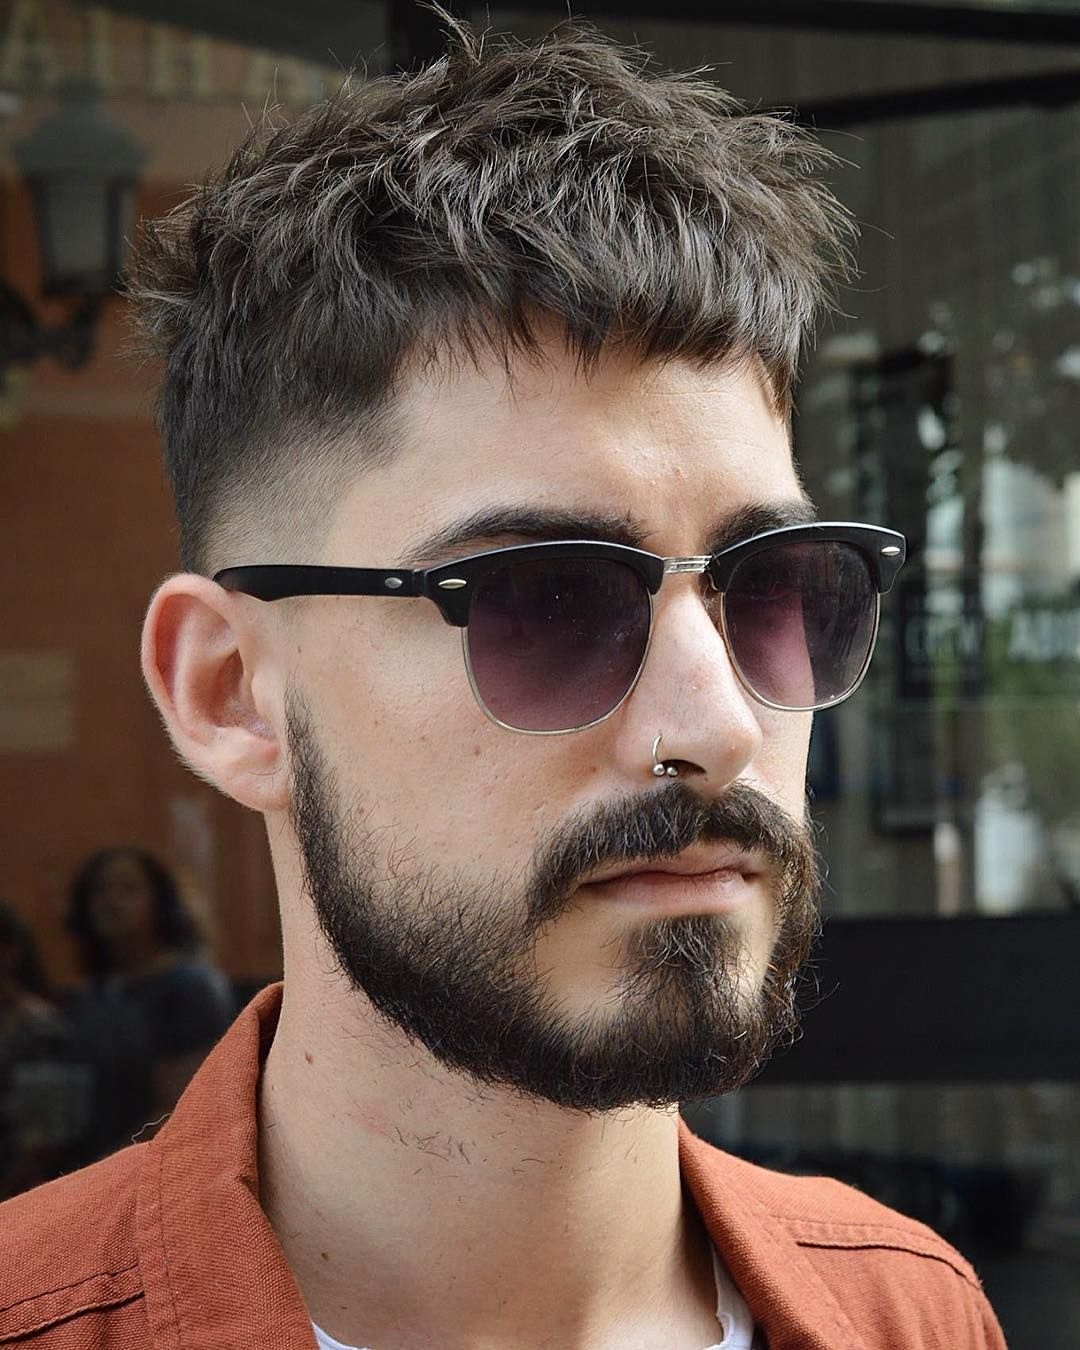 Mens short haircut photos cortes de cabelo masculino curto   pinterest  crop haircut